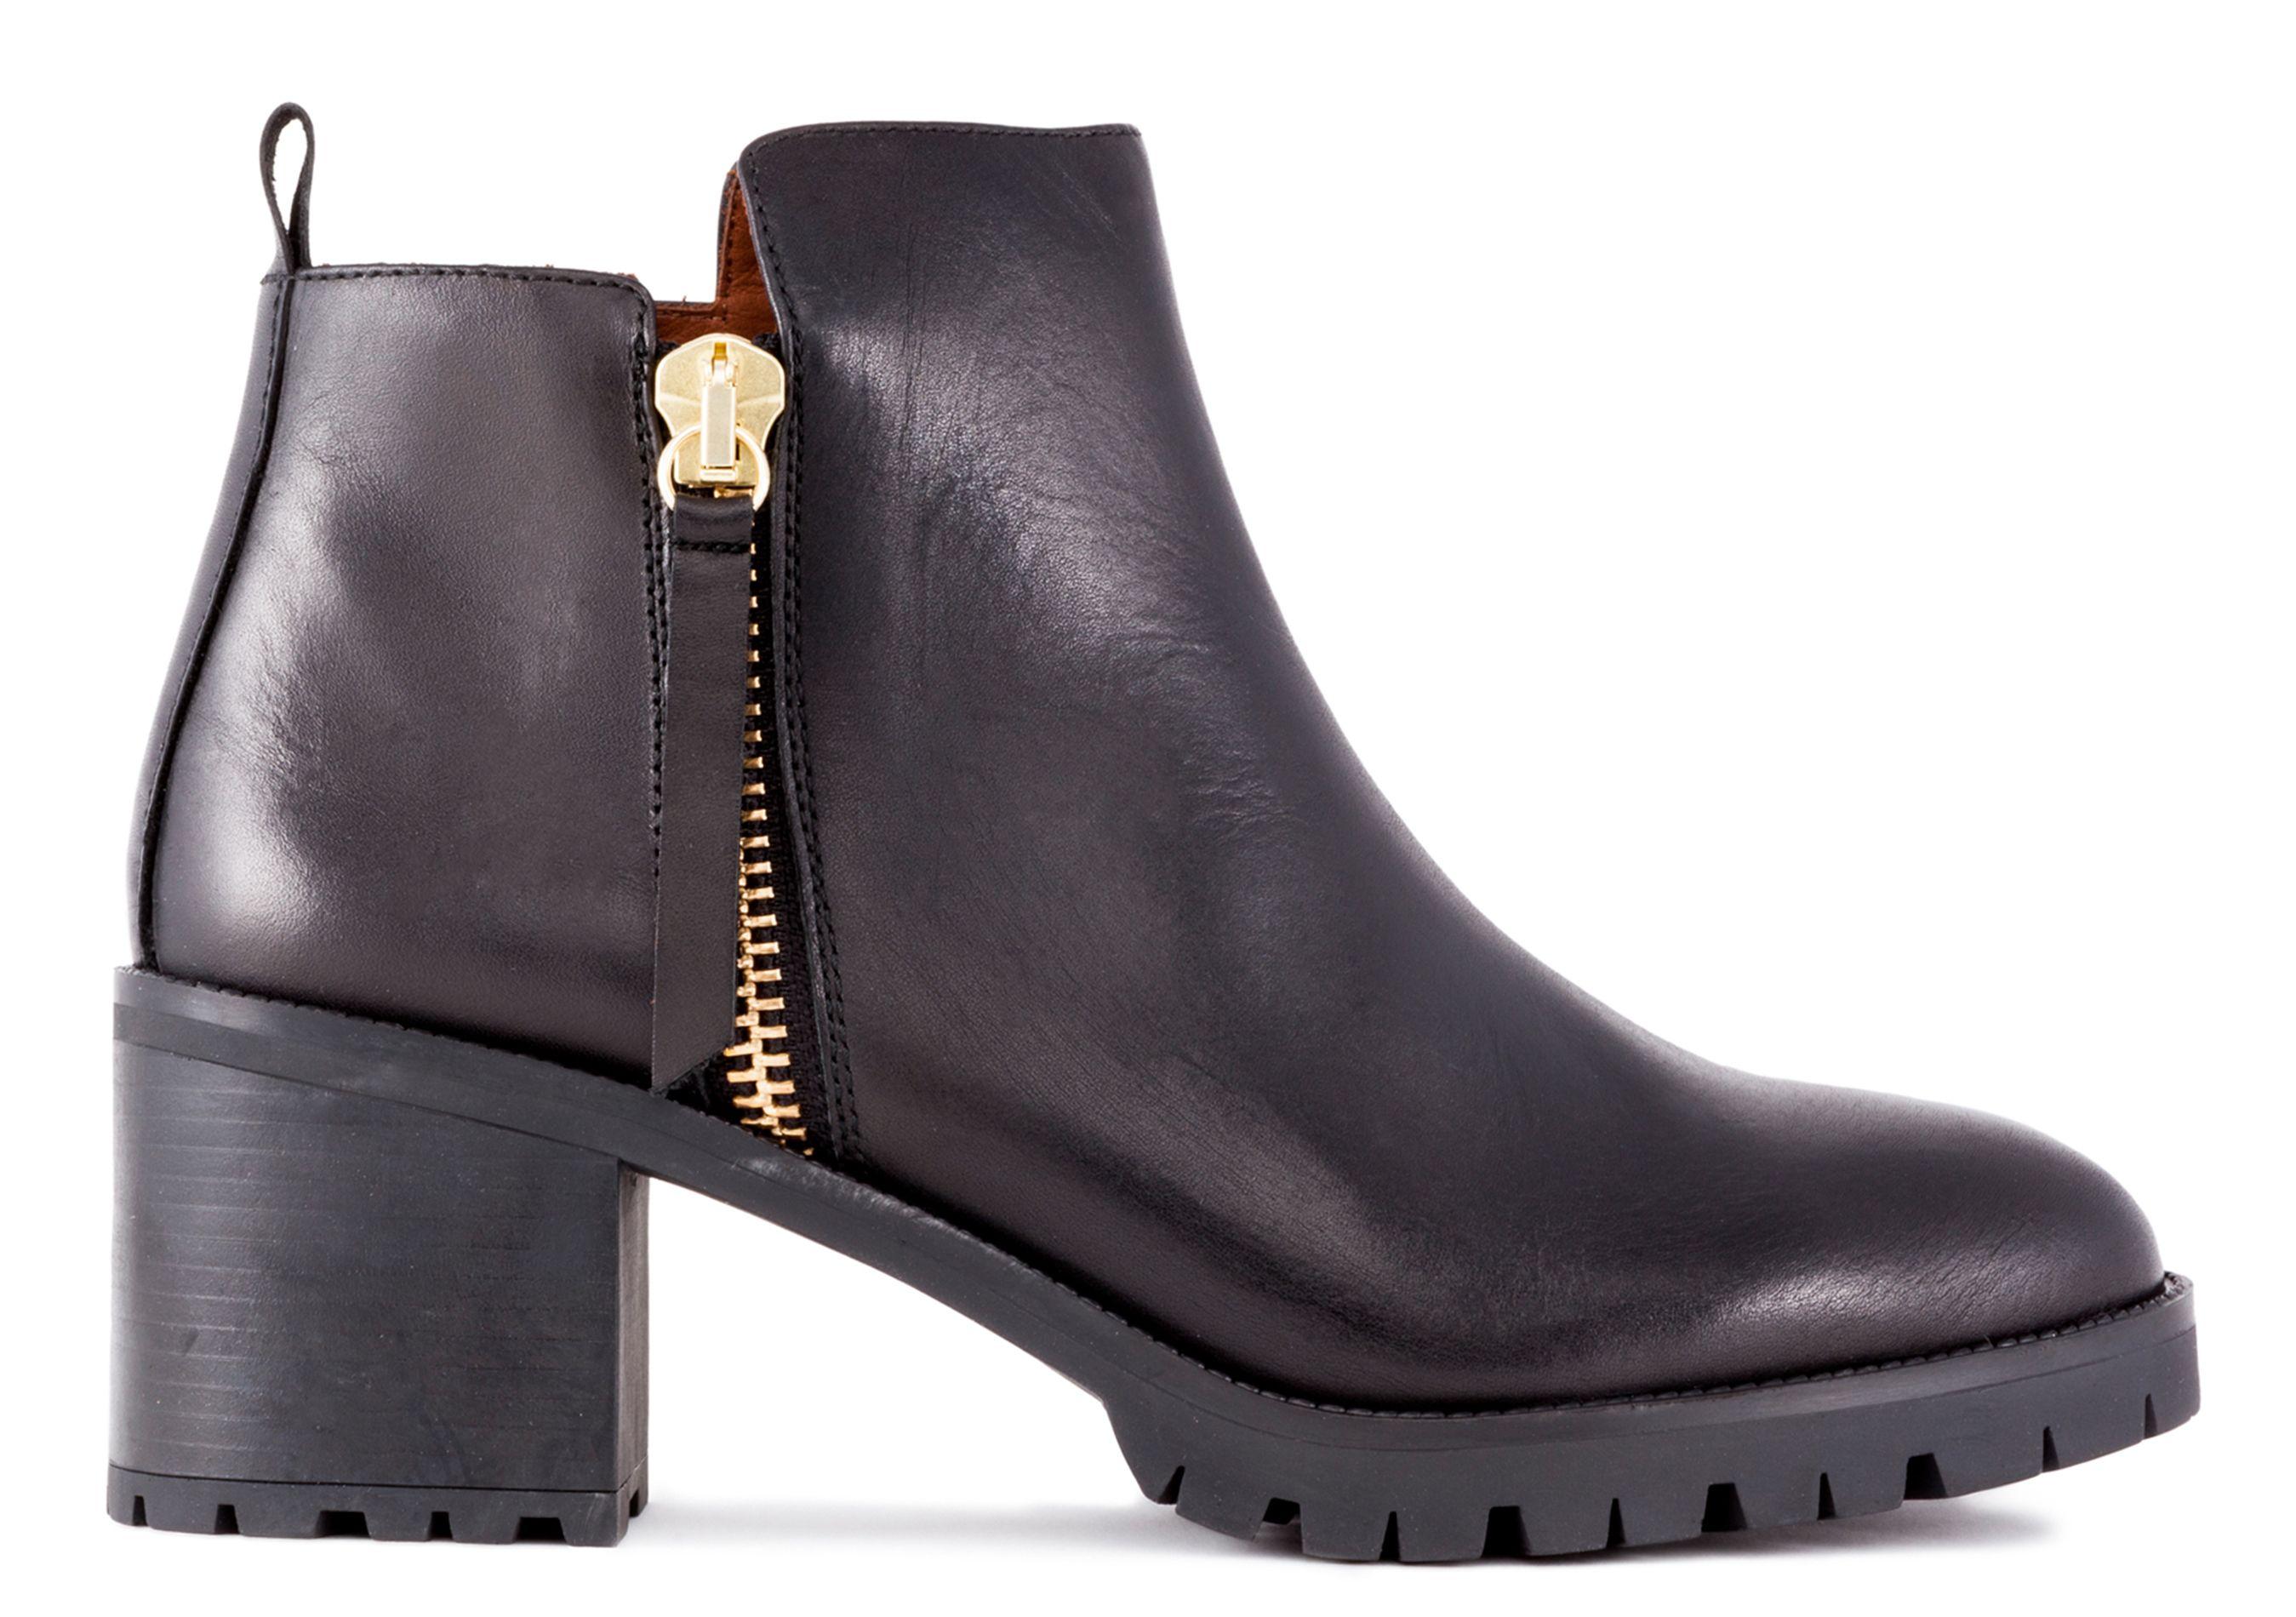 Boots en cuir Noir by BIMBA Y LOLA